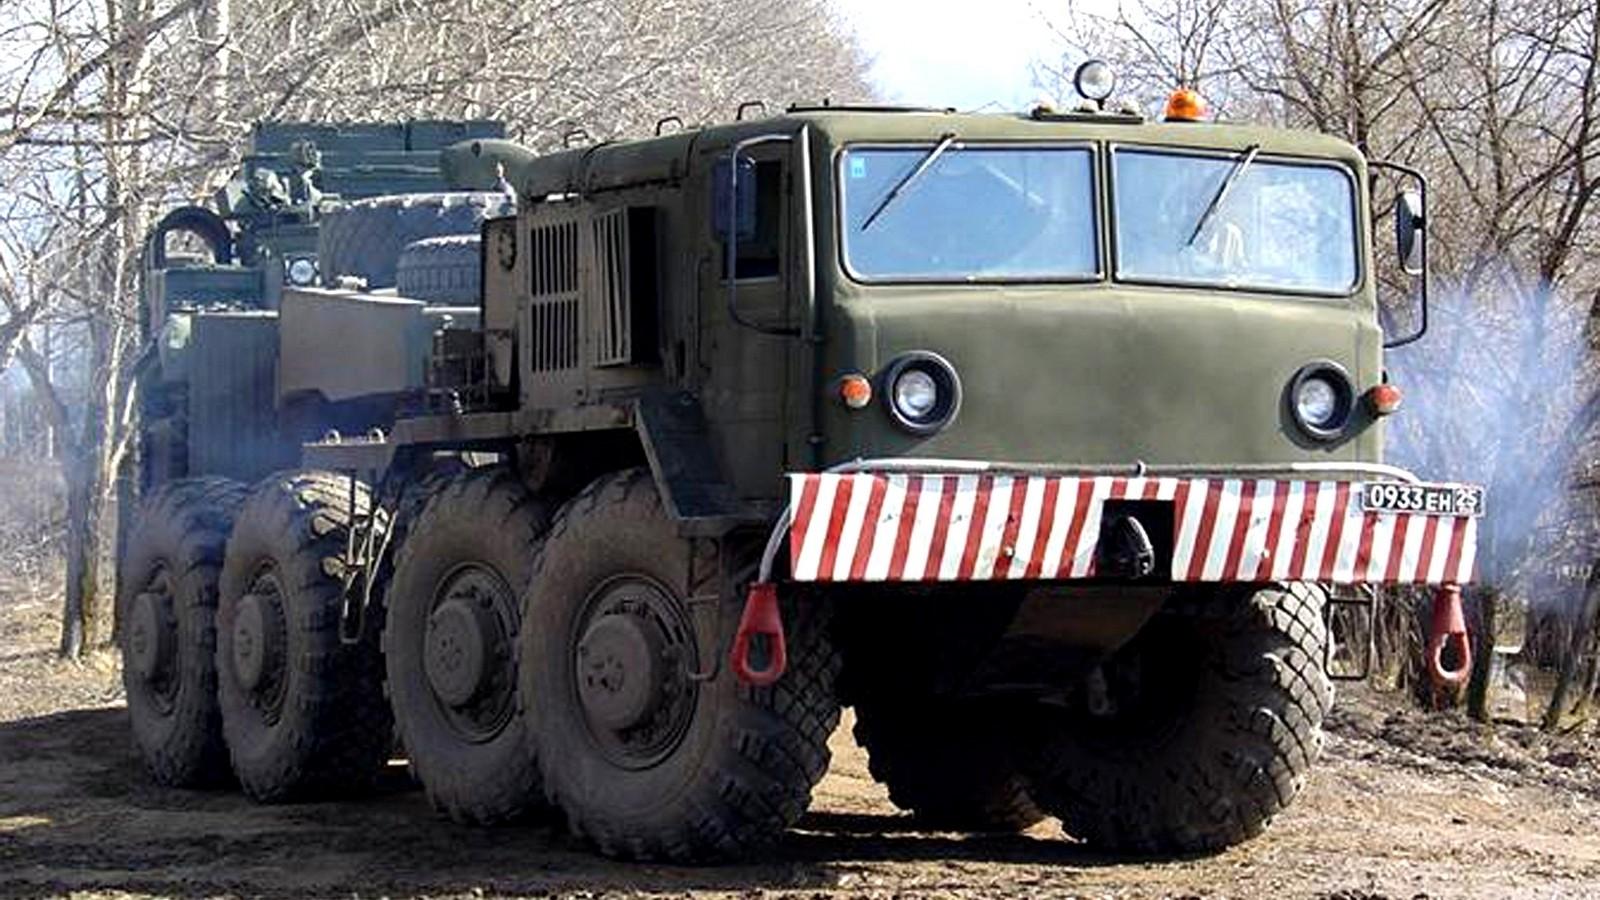 МАЗ-537Г позднего выпуска с открытым размещением баков для горючего (фото А. Гуляева)